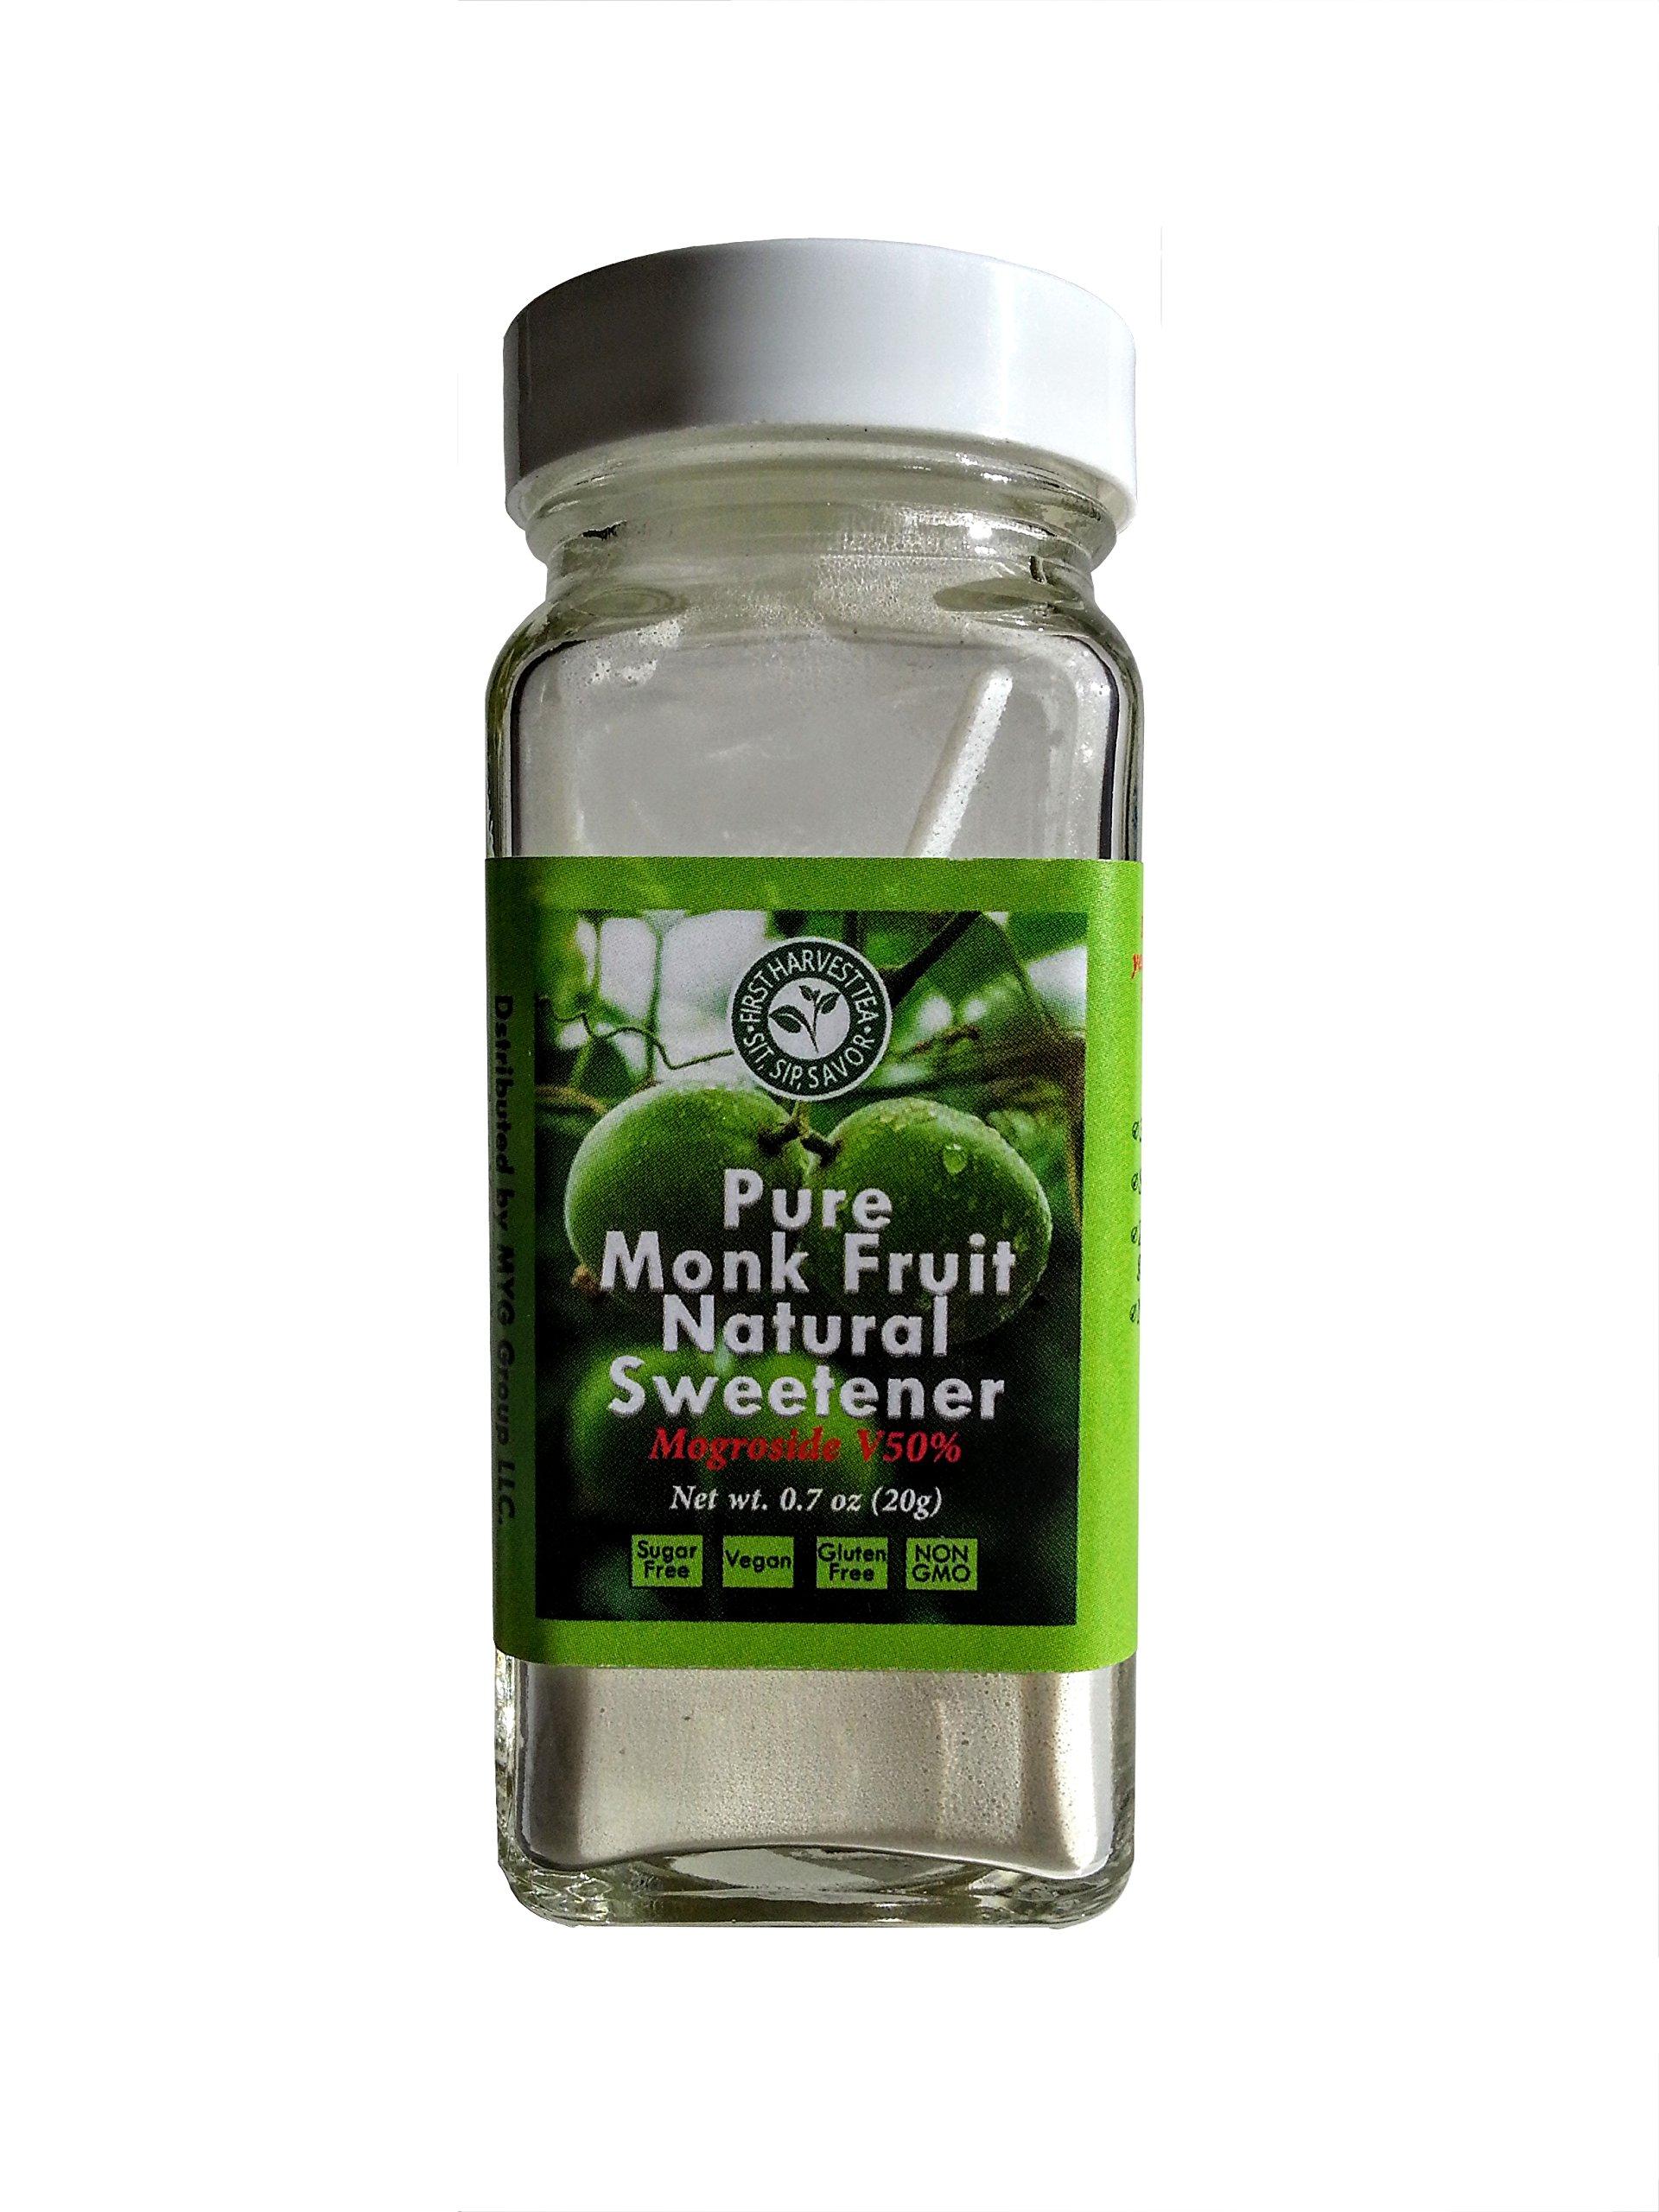 First Harvest Tea Monk Fruit Mogroside V50% Concentrated Powdered Sweetner - .7oz